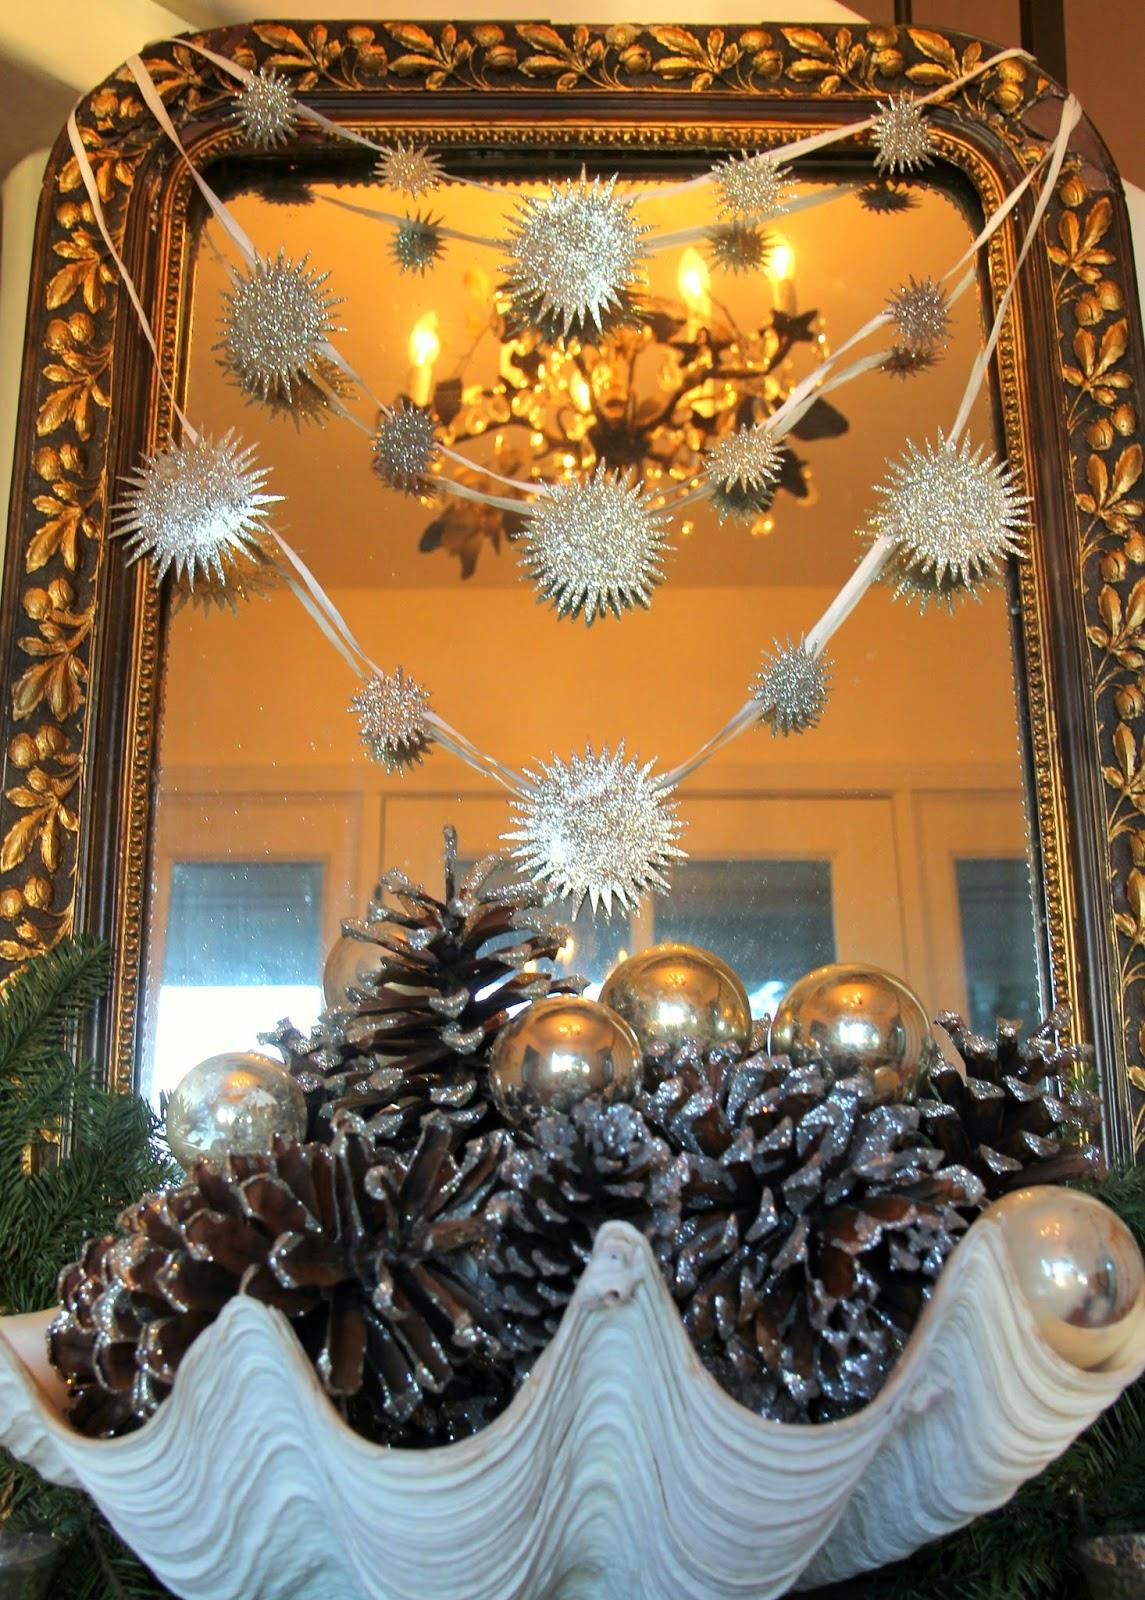 Star Garland for Christmas